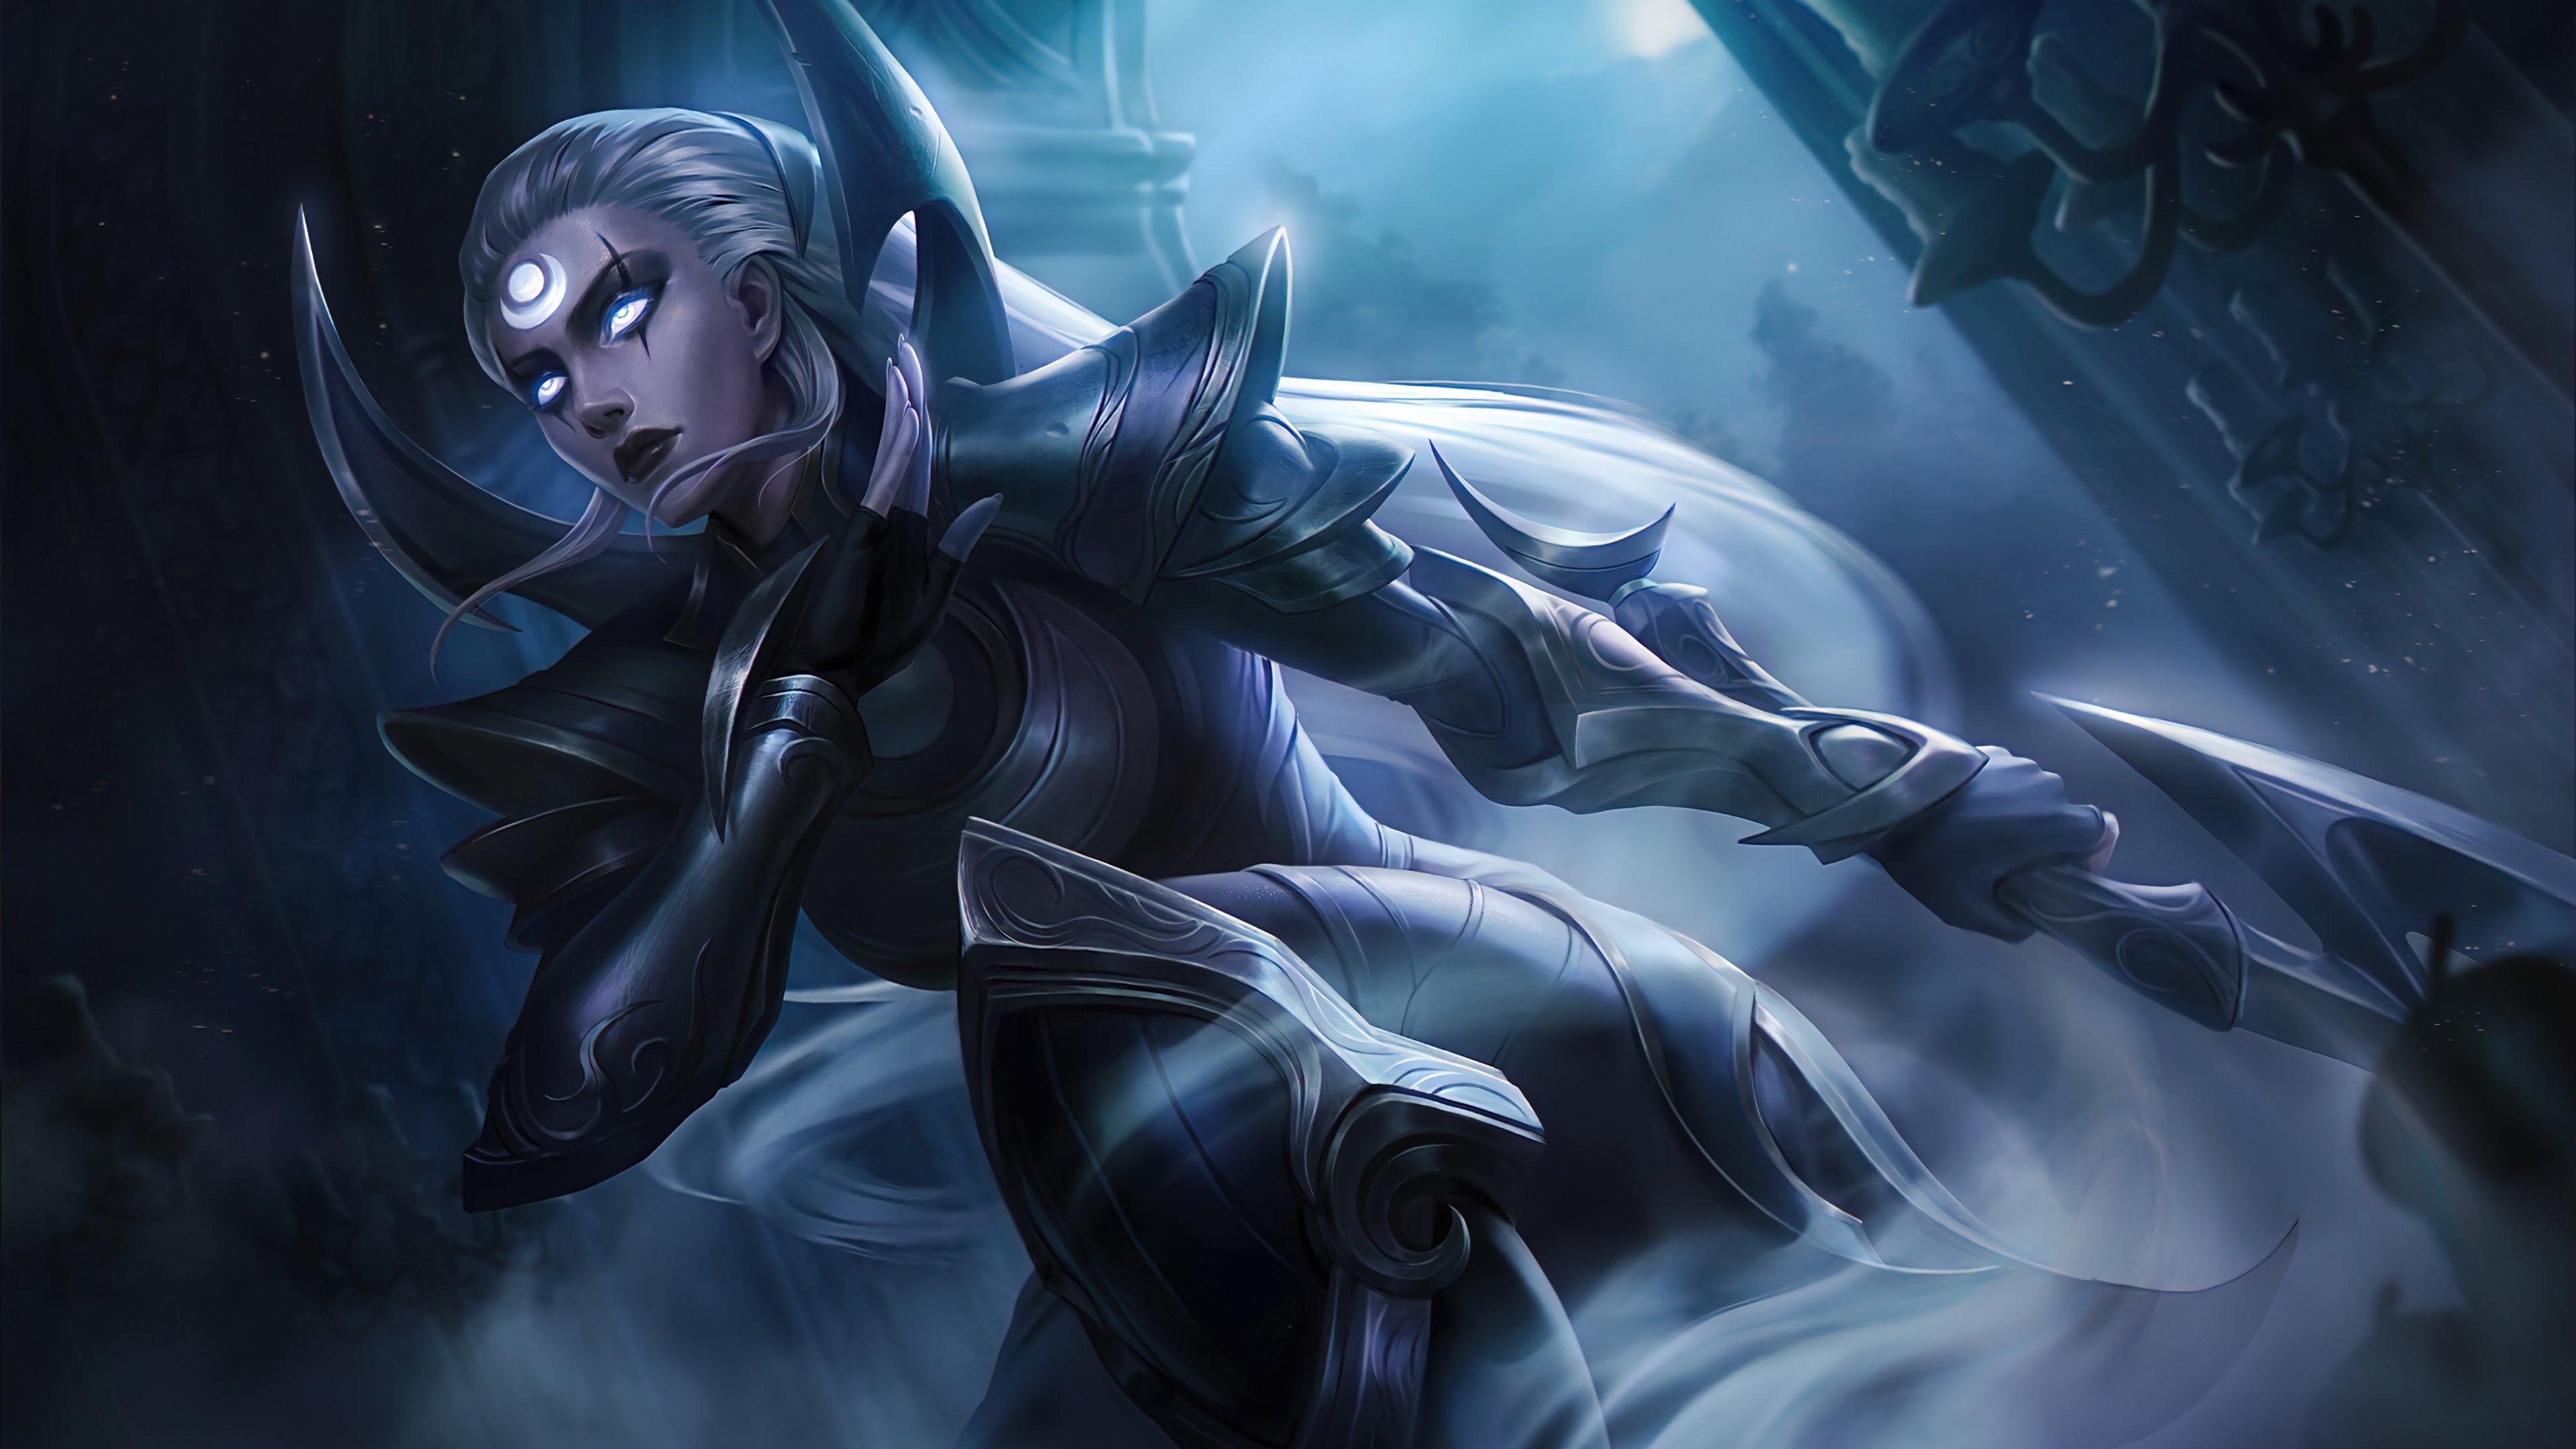 Wallpaper Diana League of Legends Art